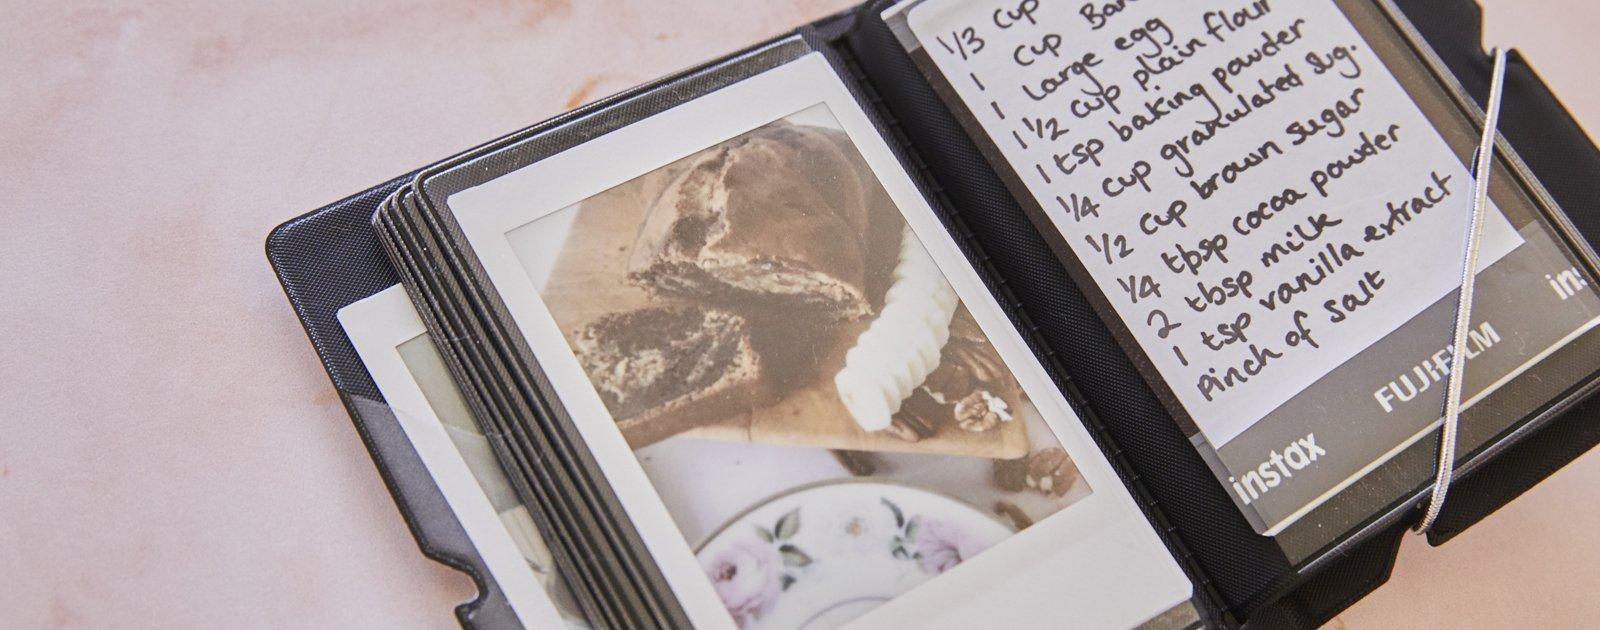 Hoe maak je een instax mini kookboek? Lees het hier!